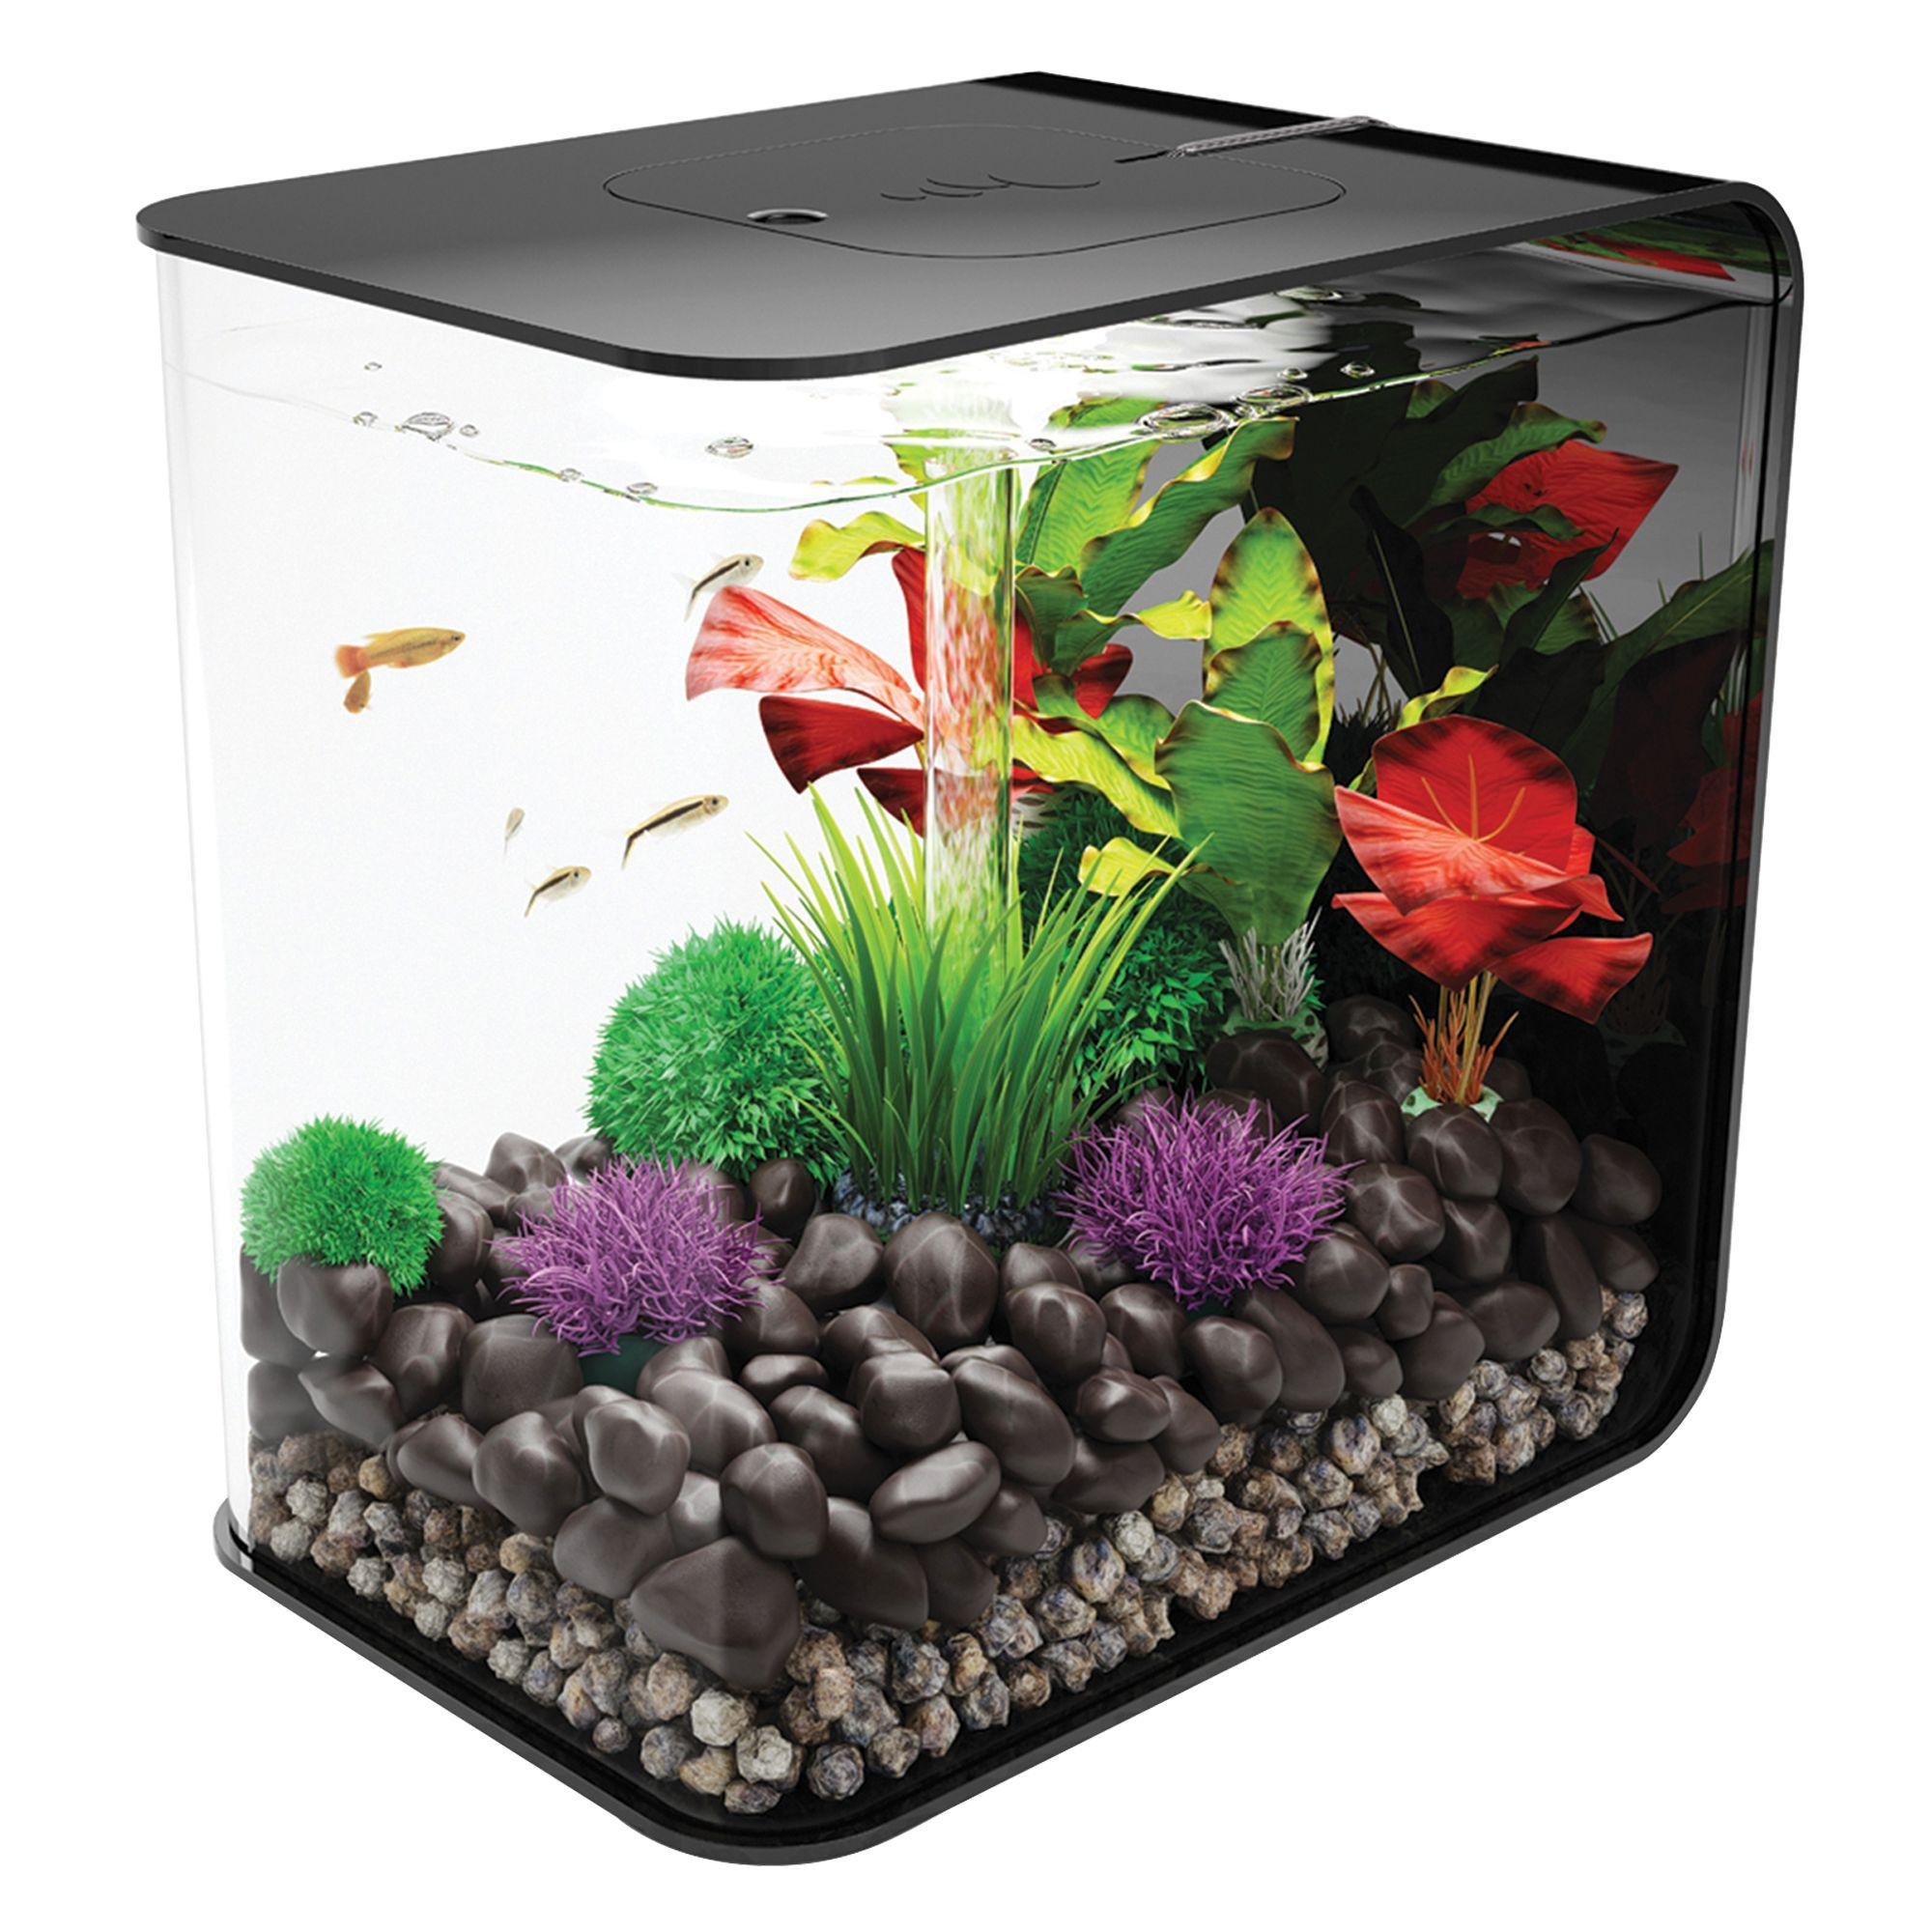 Biorb Flow 8 Gallon Led Aquarium In 2020 With Images Biorb Fish Tank Aquarium Biorb